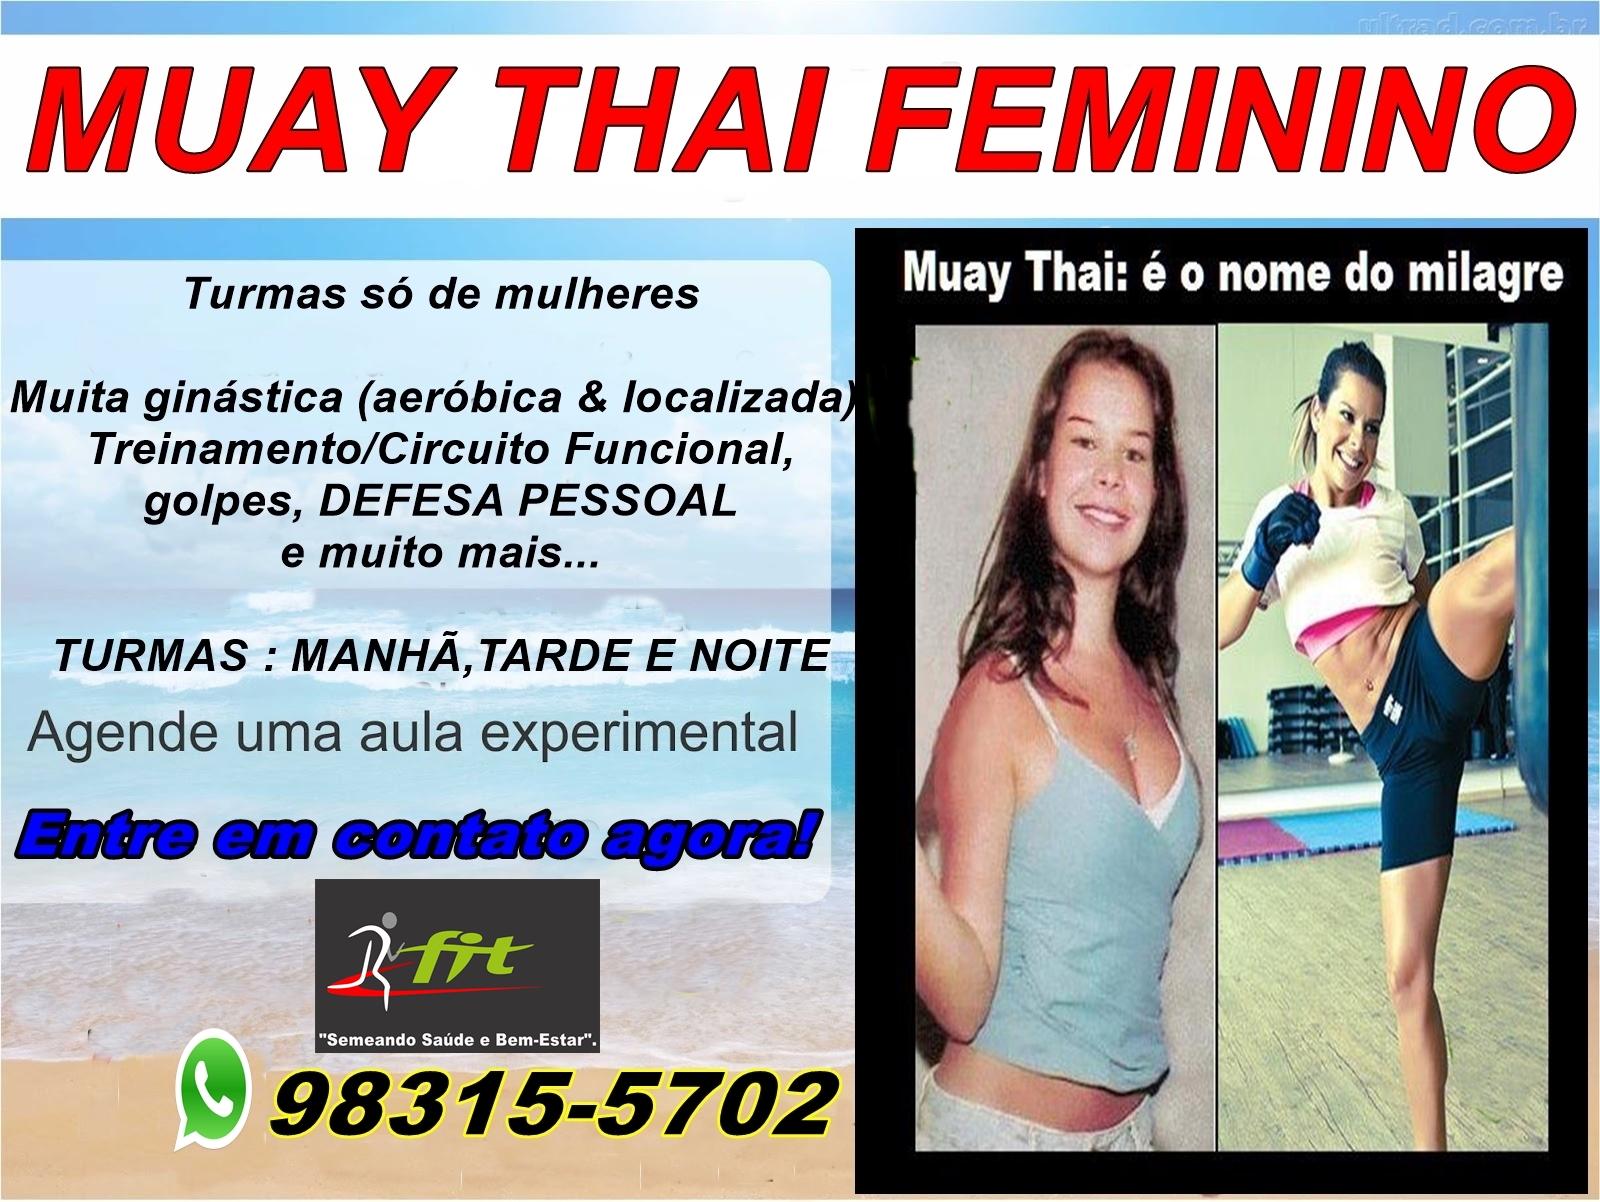 aula de muay thai para perder peso